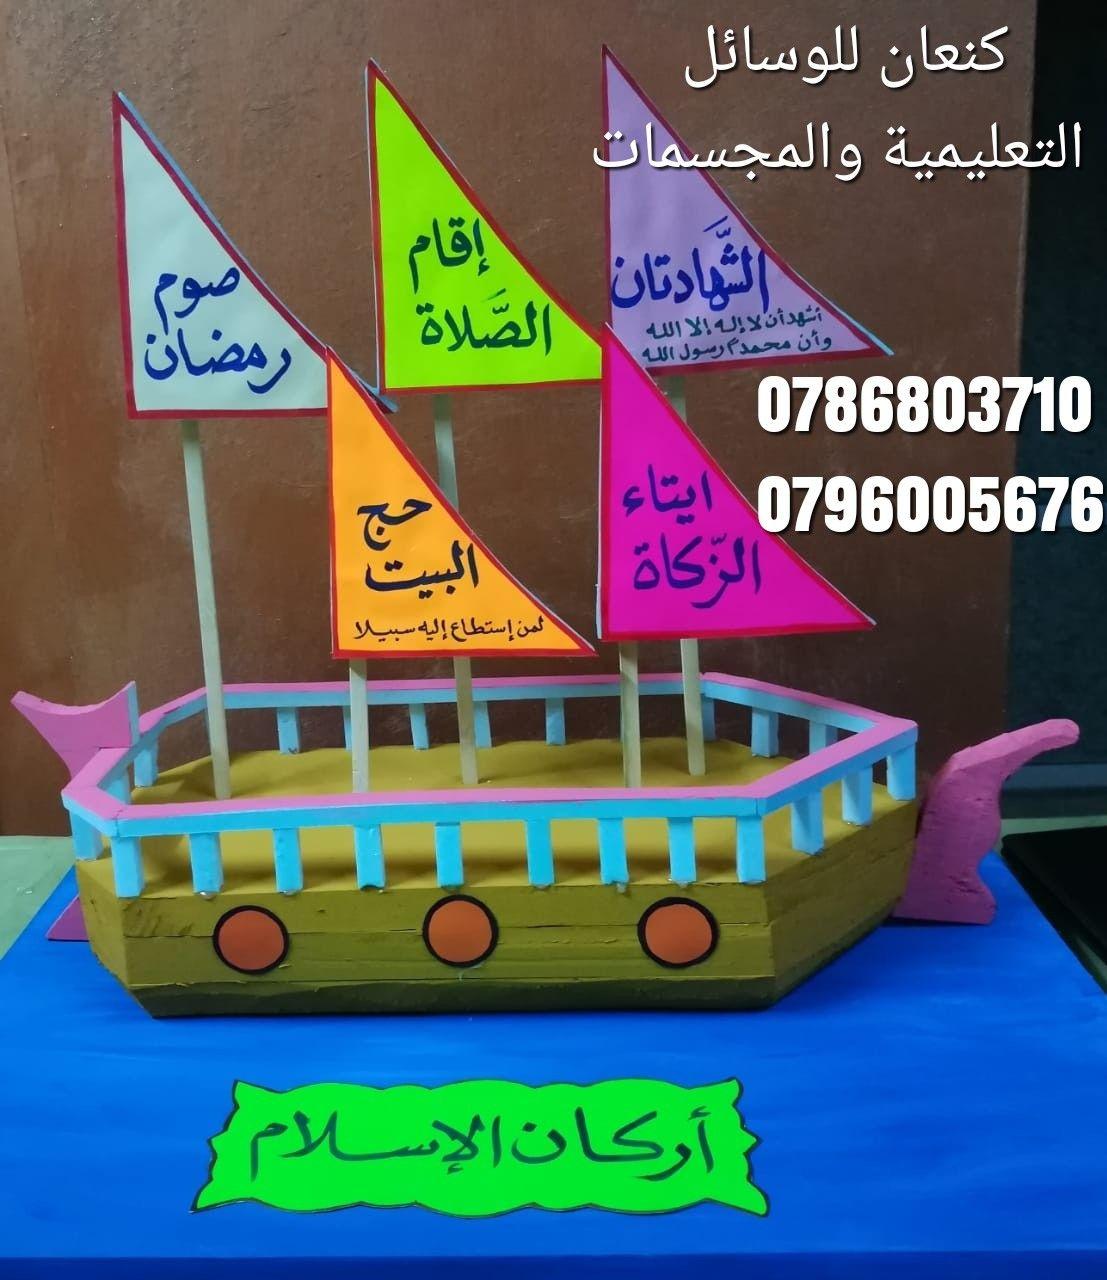 مجسم تعليمي عن اركان الاسلام على شكل سفينة واشرعة Muslim Kids Activities Islamic Kids Activities Manners Activities